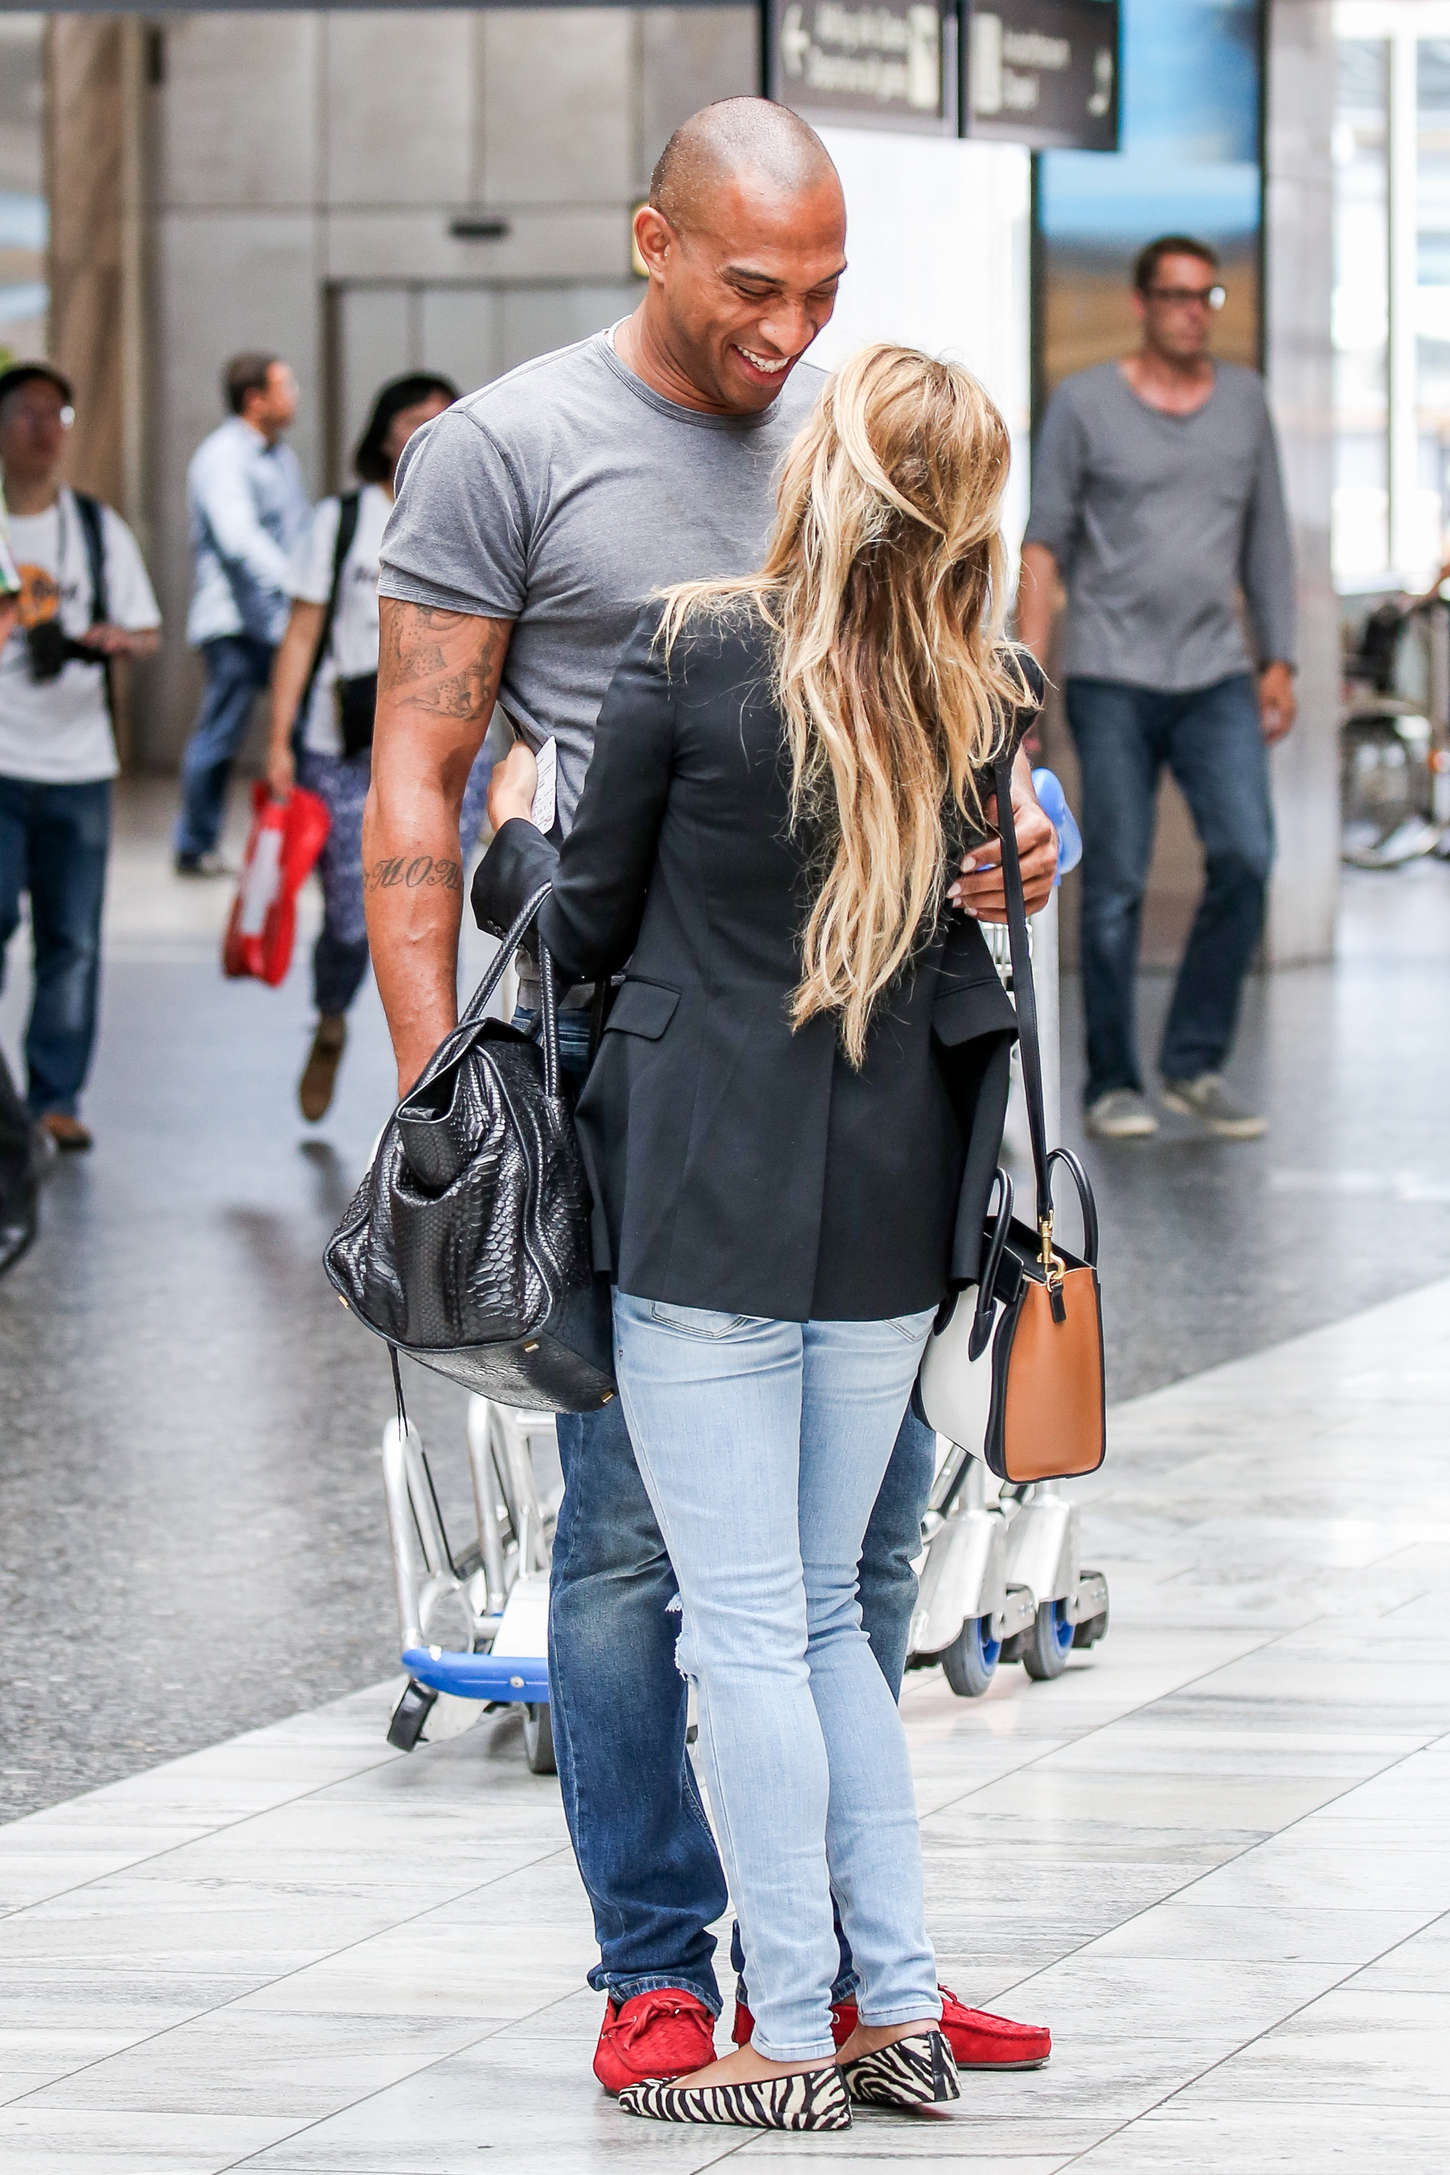 Sylvie Van Der Vaart With Boyfriend Momo at Airport in Zurich